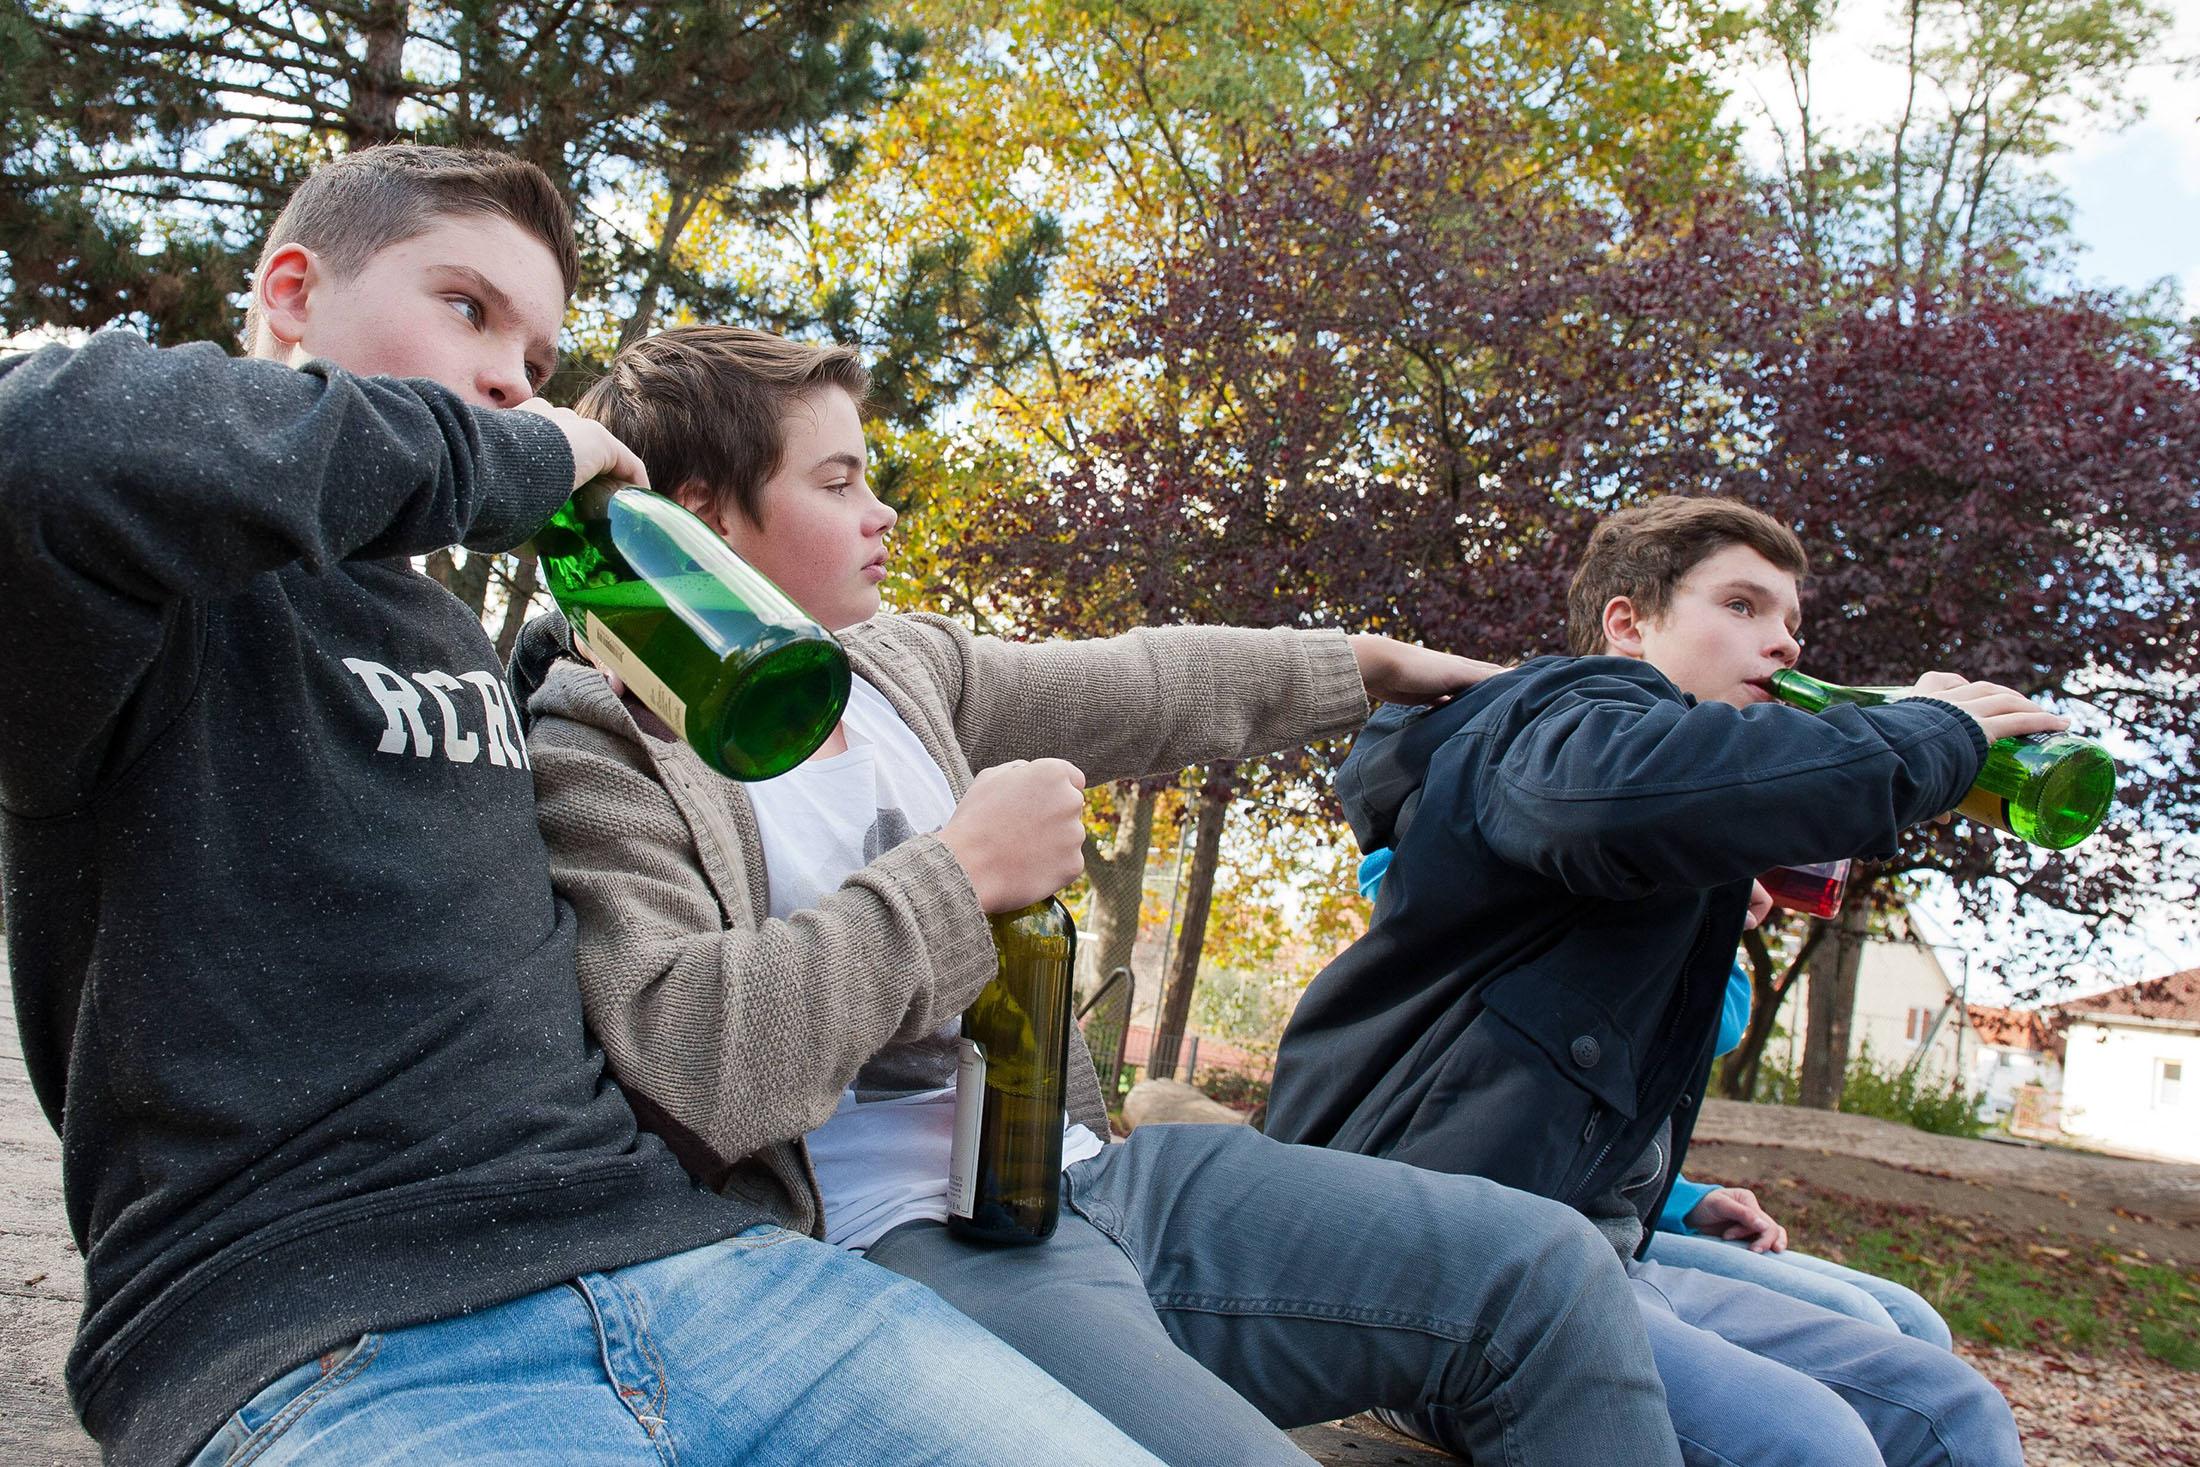 Bildnummer: 59691798  Datum: 29.10.2012  Copyright: imago/epdJugendliche aus Ingelheim am Rhein trinken am 28.10.2012 auf ei